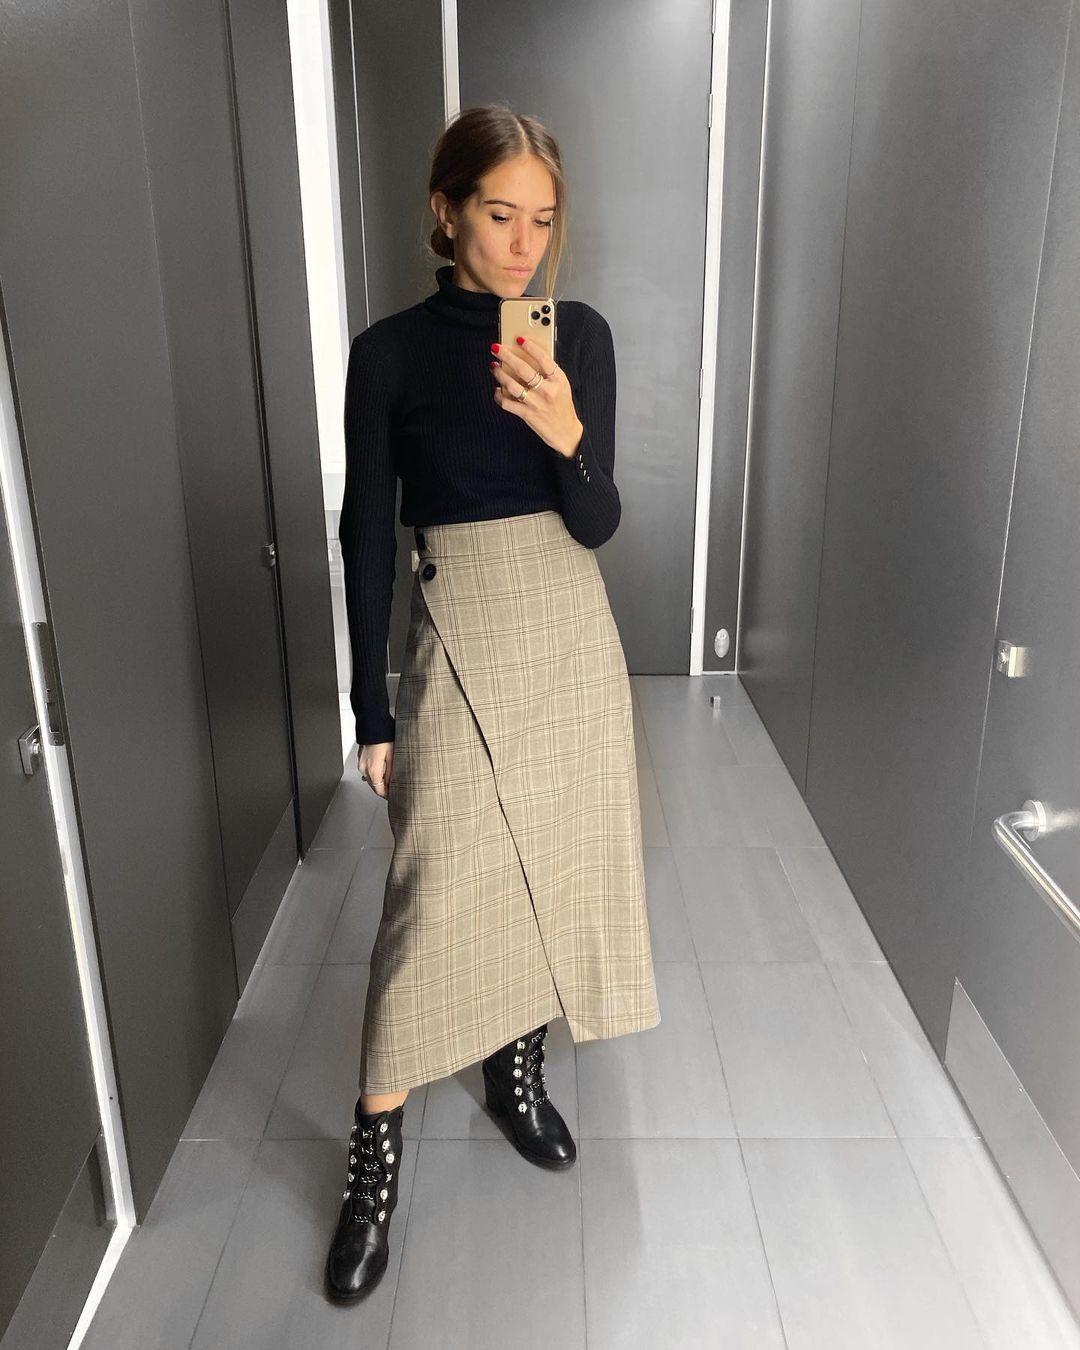 1612587911 30 155 looks con falda de varios estilos para conseguir el - 155 looks con falda de varios estilos para conseguir el look perfecto